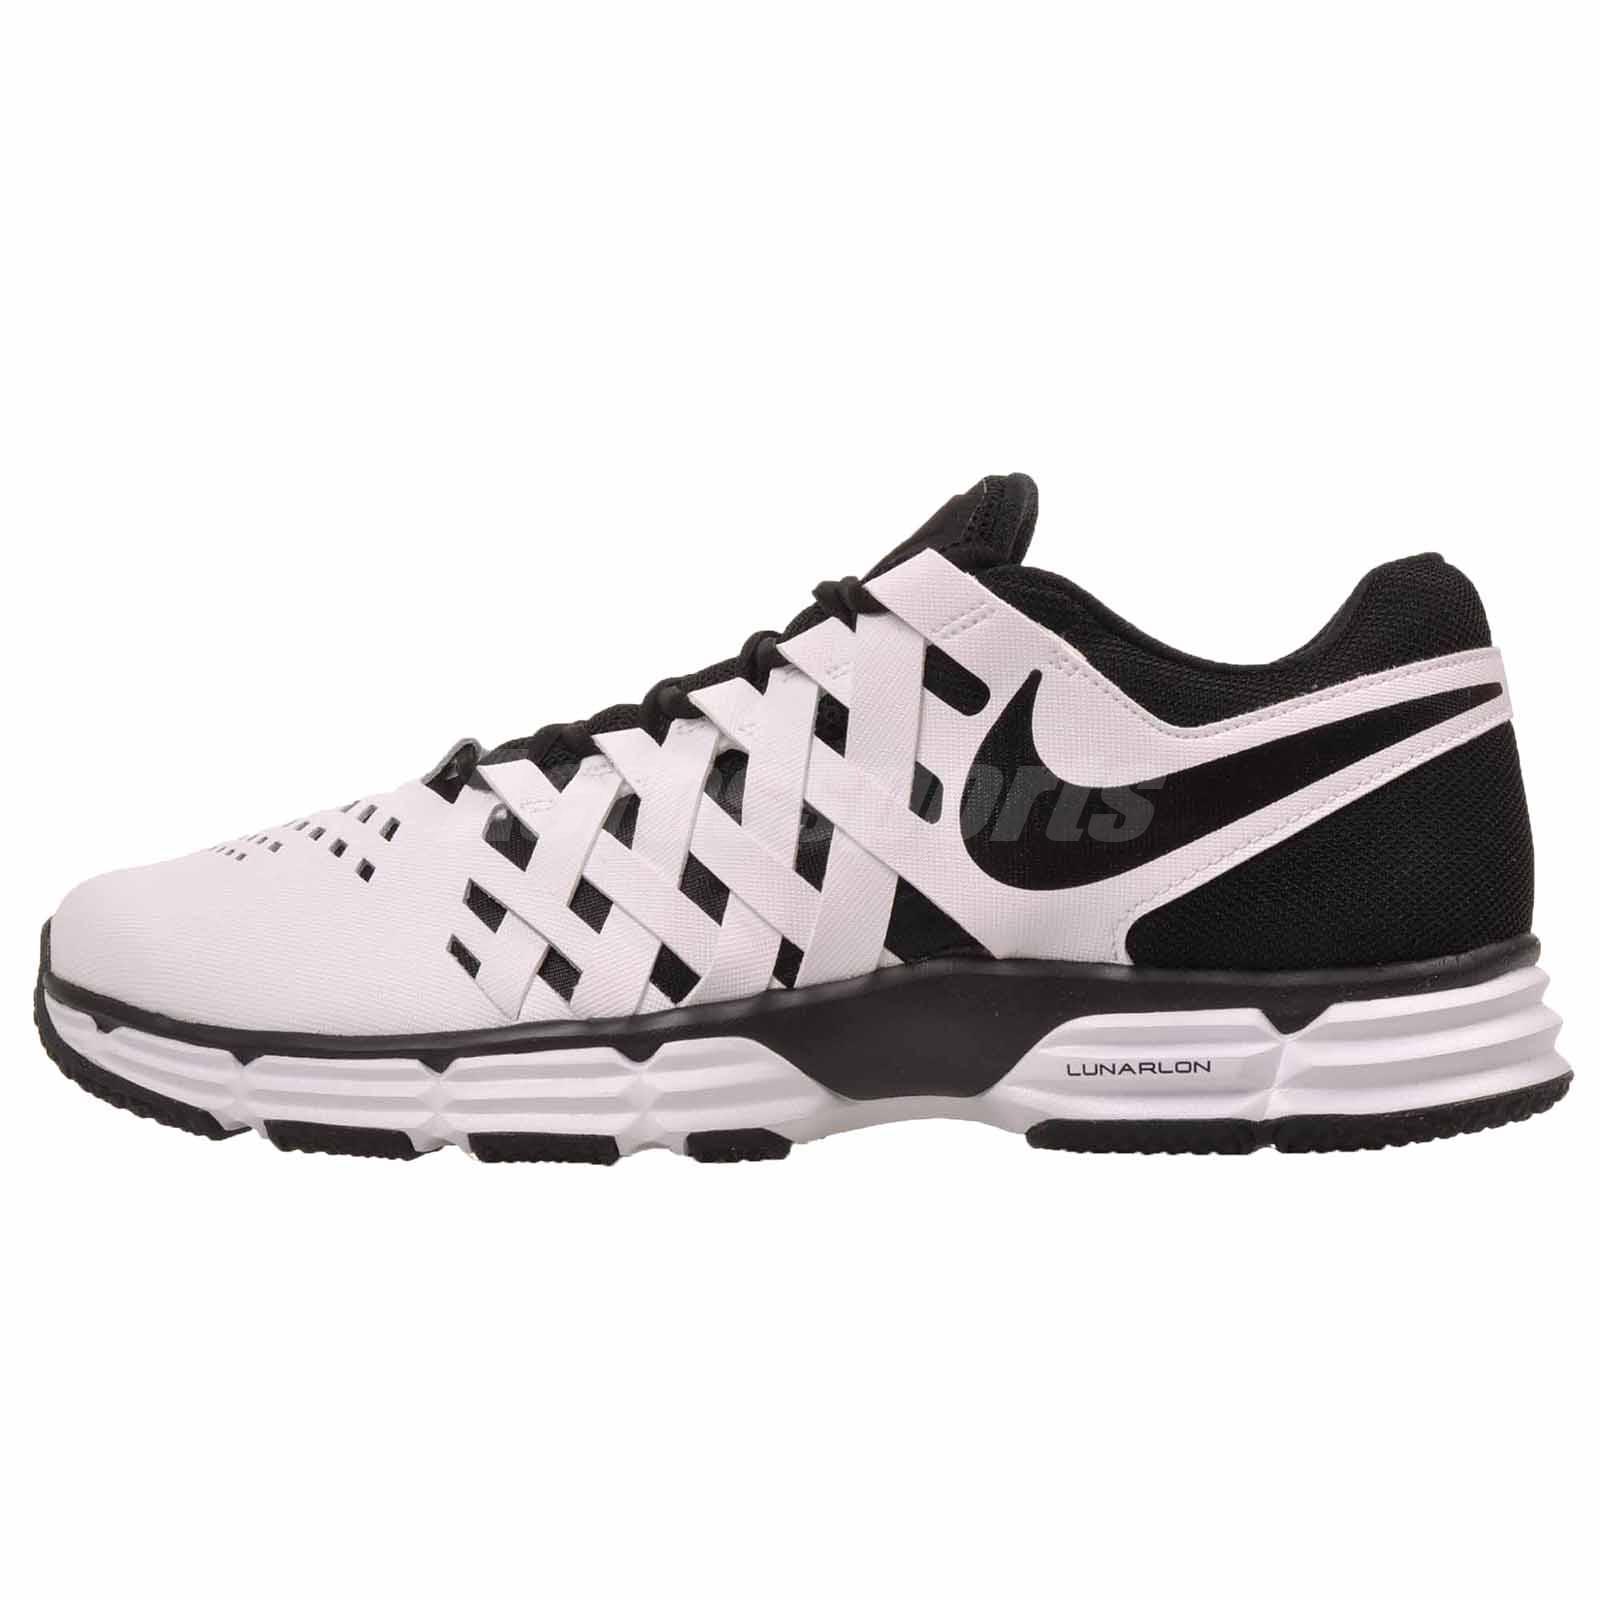 9dc14d97ef6b06 Details about Nike Lunar Fingertrap TR 4E Cross Training Mens Shoes White  Wide 898065-100